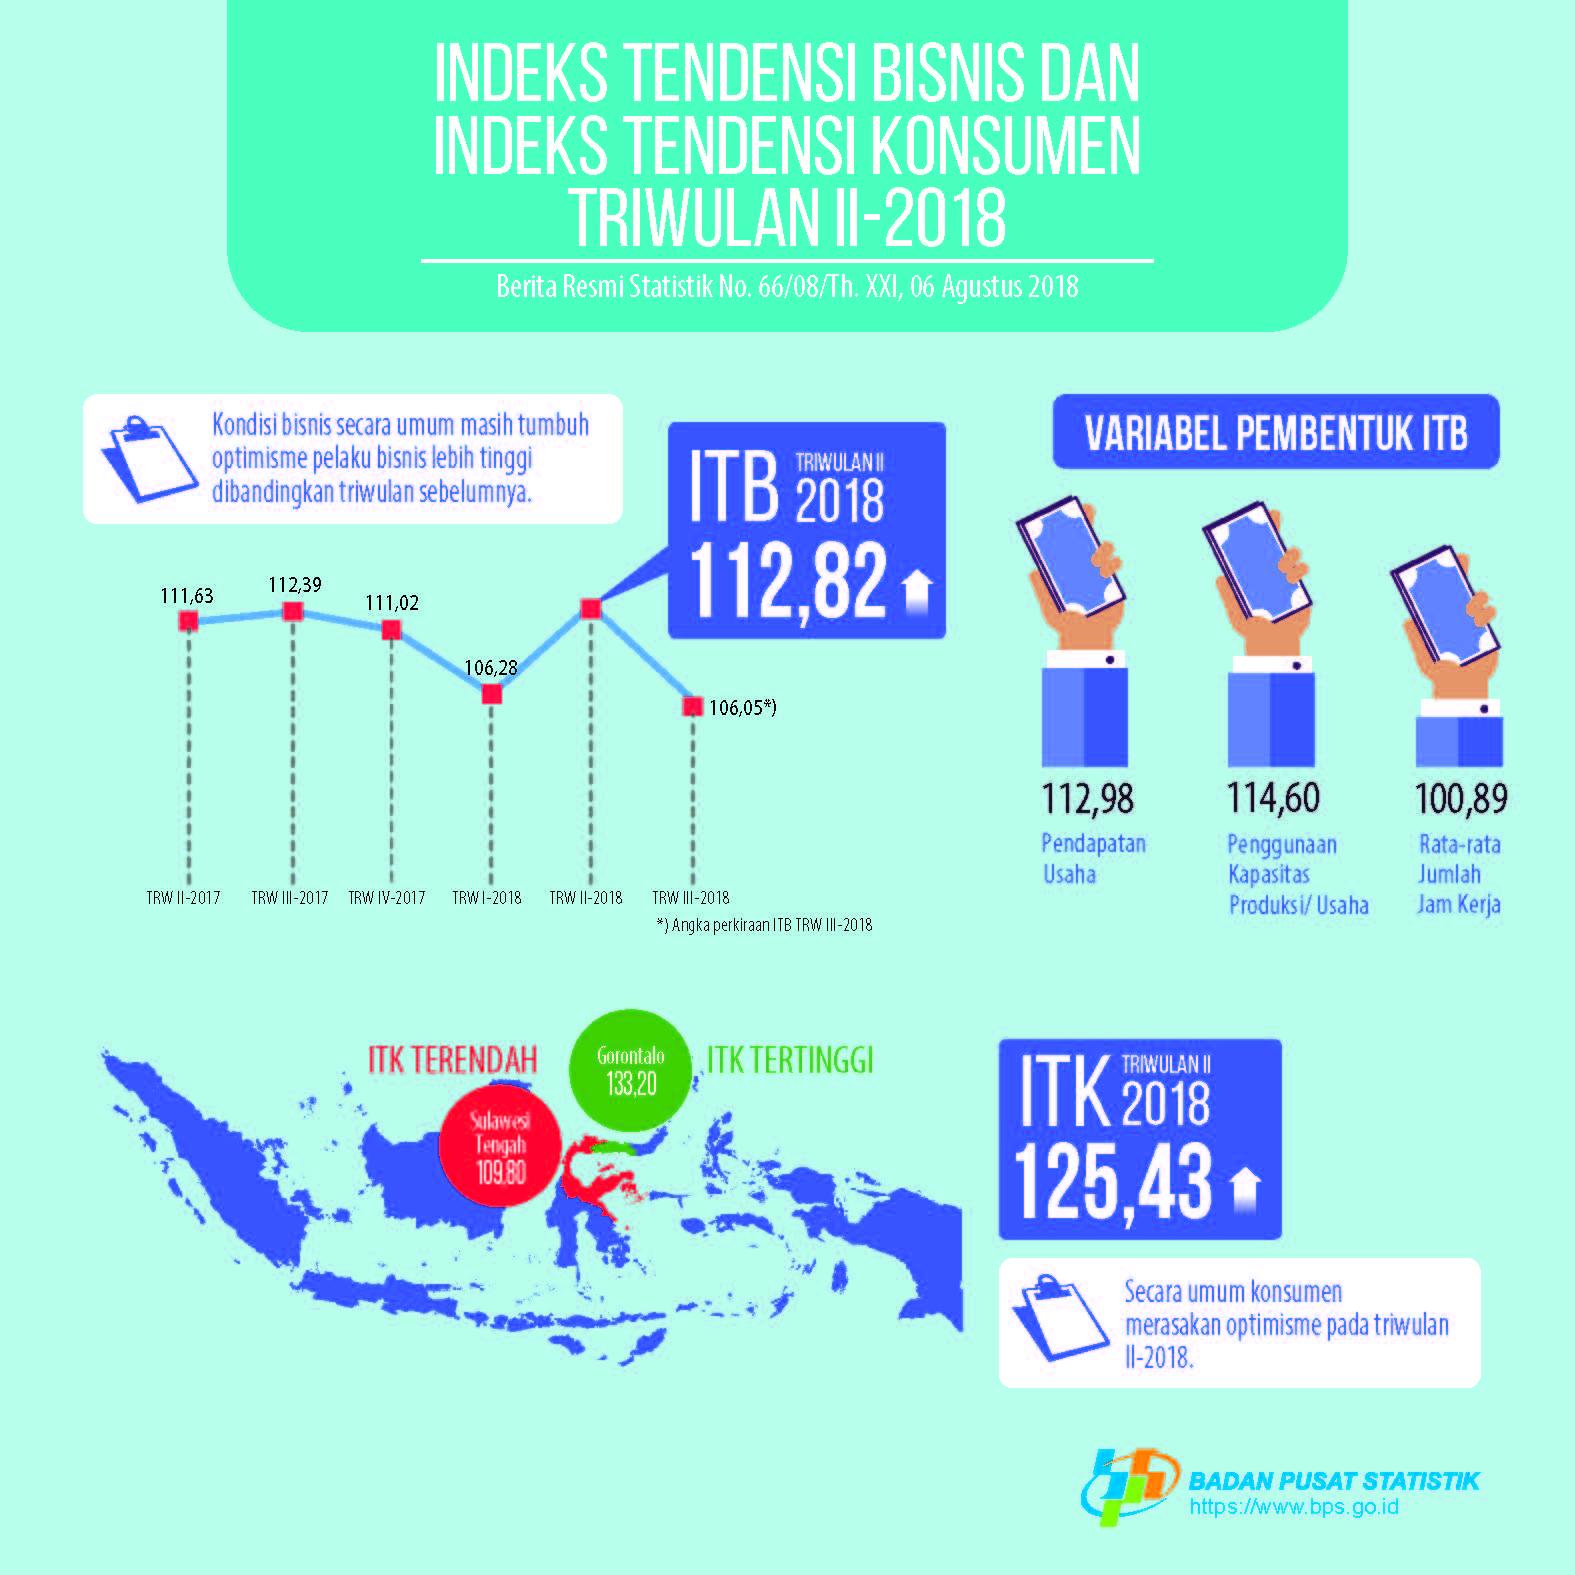 Indeks-Tendensi-Bisnis-Tw-II-2018-ind.jpg